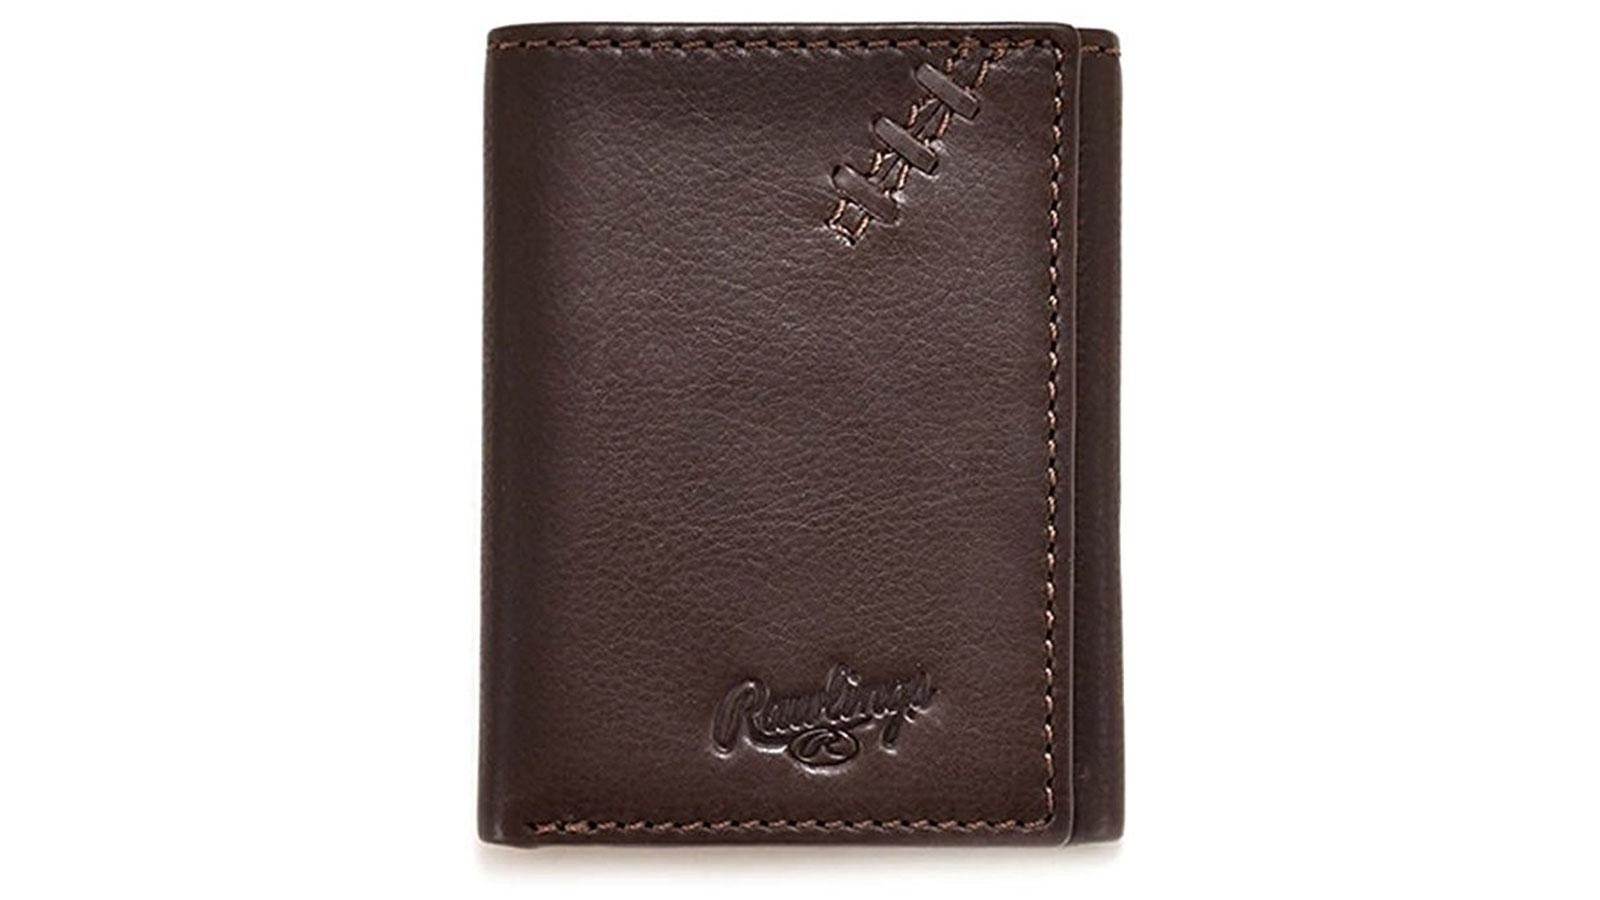 Rawlings Men's Legacy Trifold Wallet | best men's trifold wallets